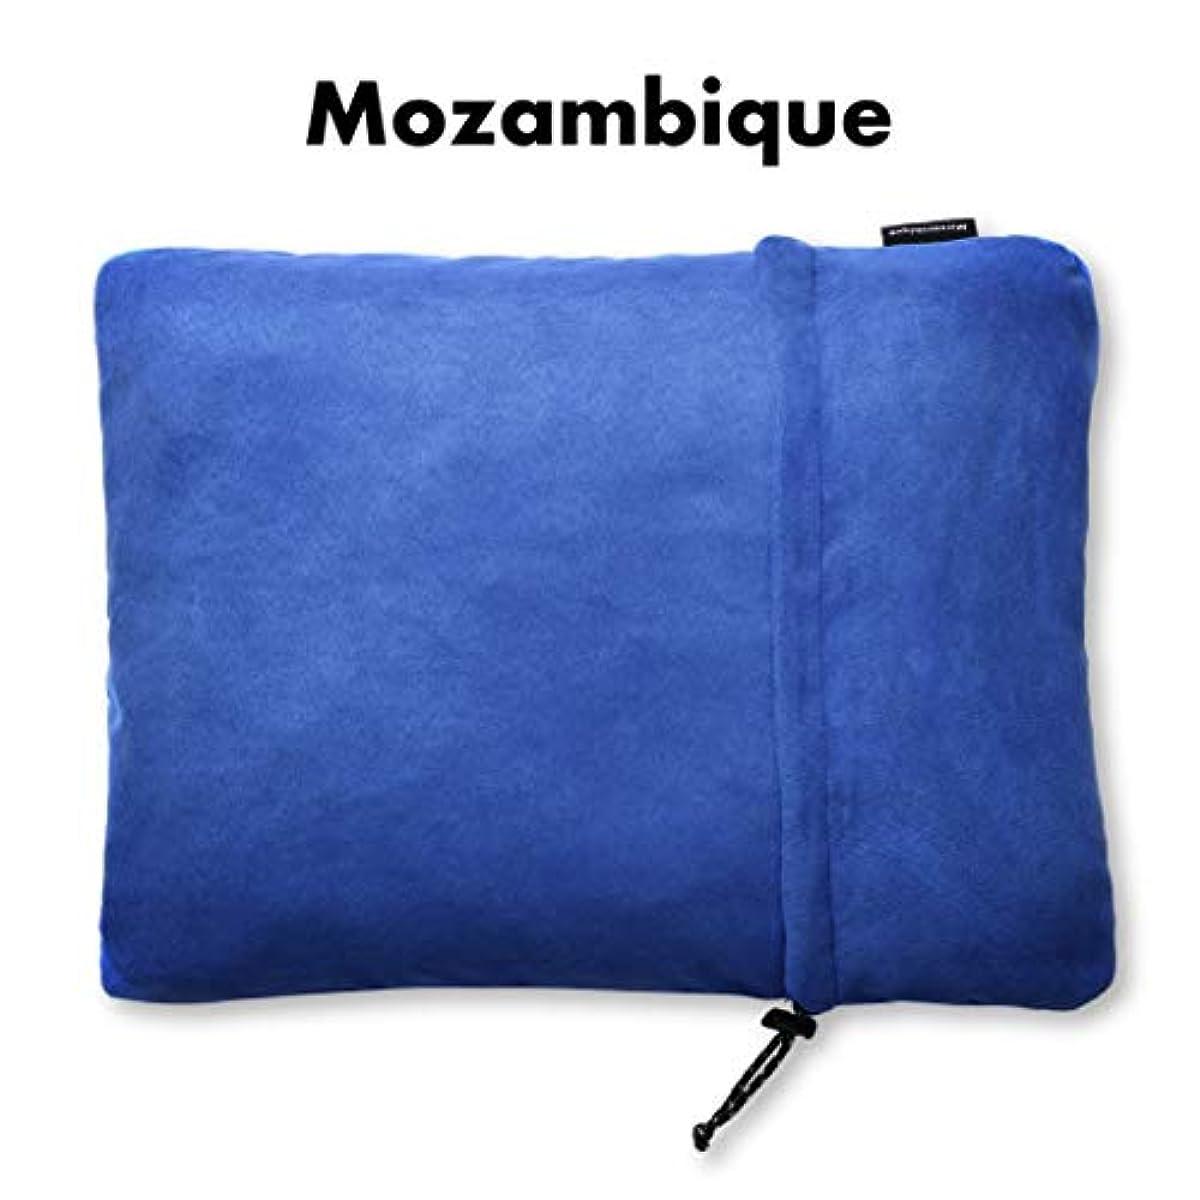 [해외] MOZAMBIQUE모잠비크 캠프 베개 pillow 트래블 pillow 휴대침 【캠프에서도 푹 잘 수 있는 바와 같이하도그린】